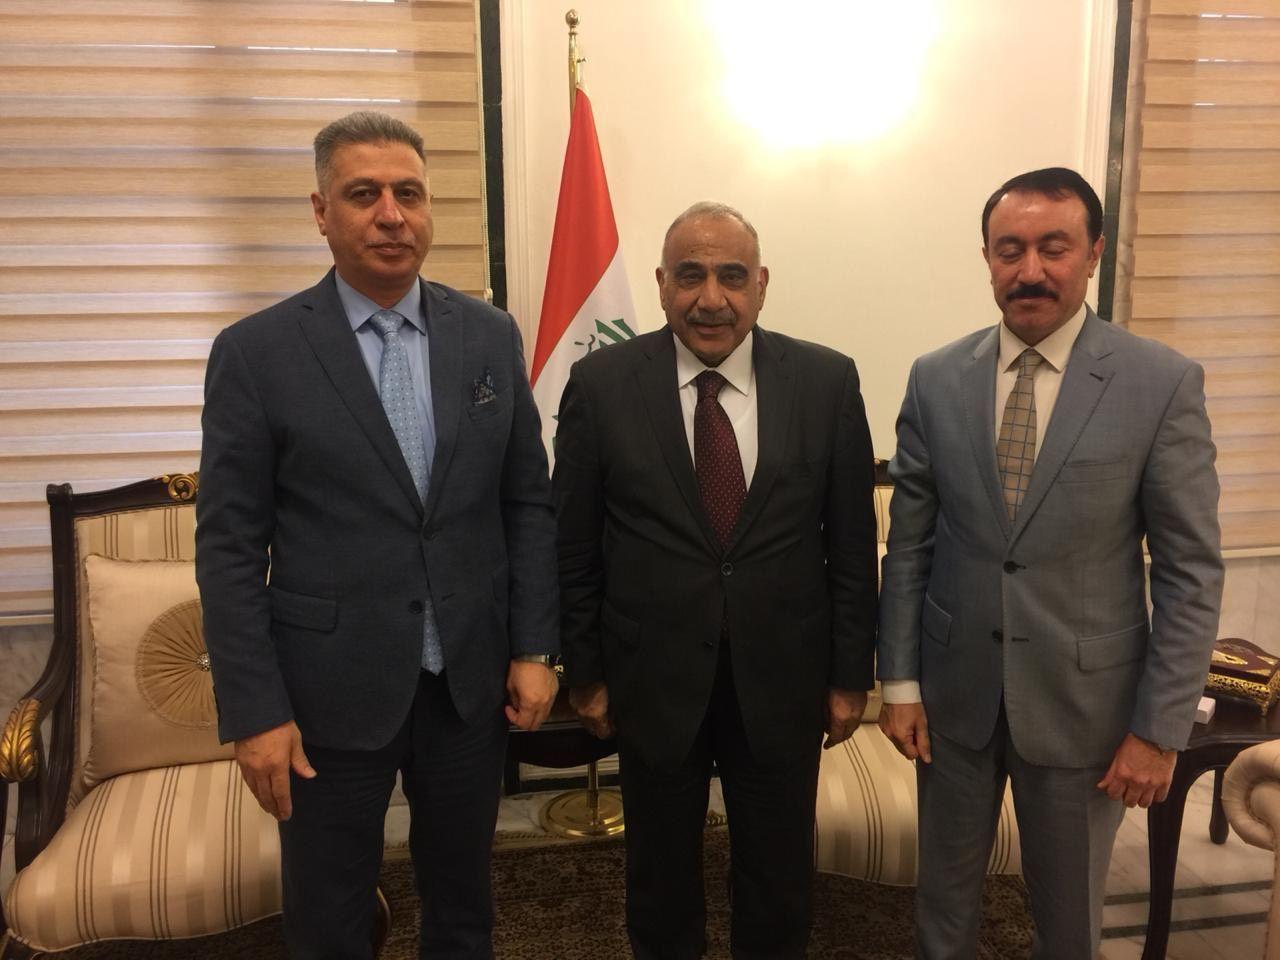 الصالحي: بحثنا مع عبدالمهدي الملف الأمني والتوازن القومي في كركوك